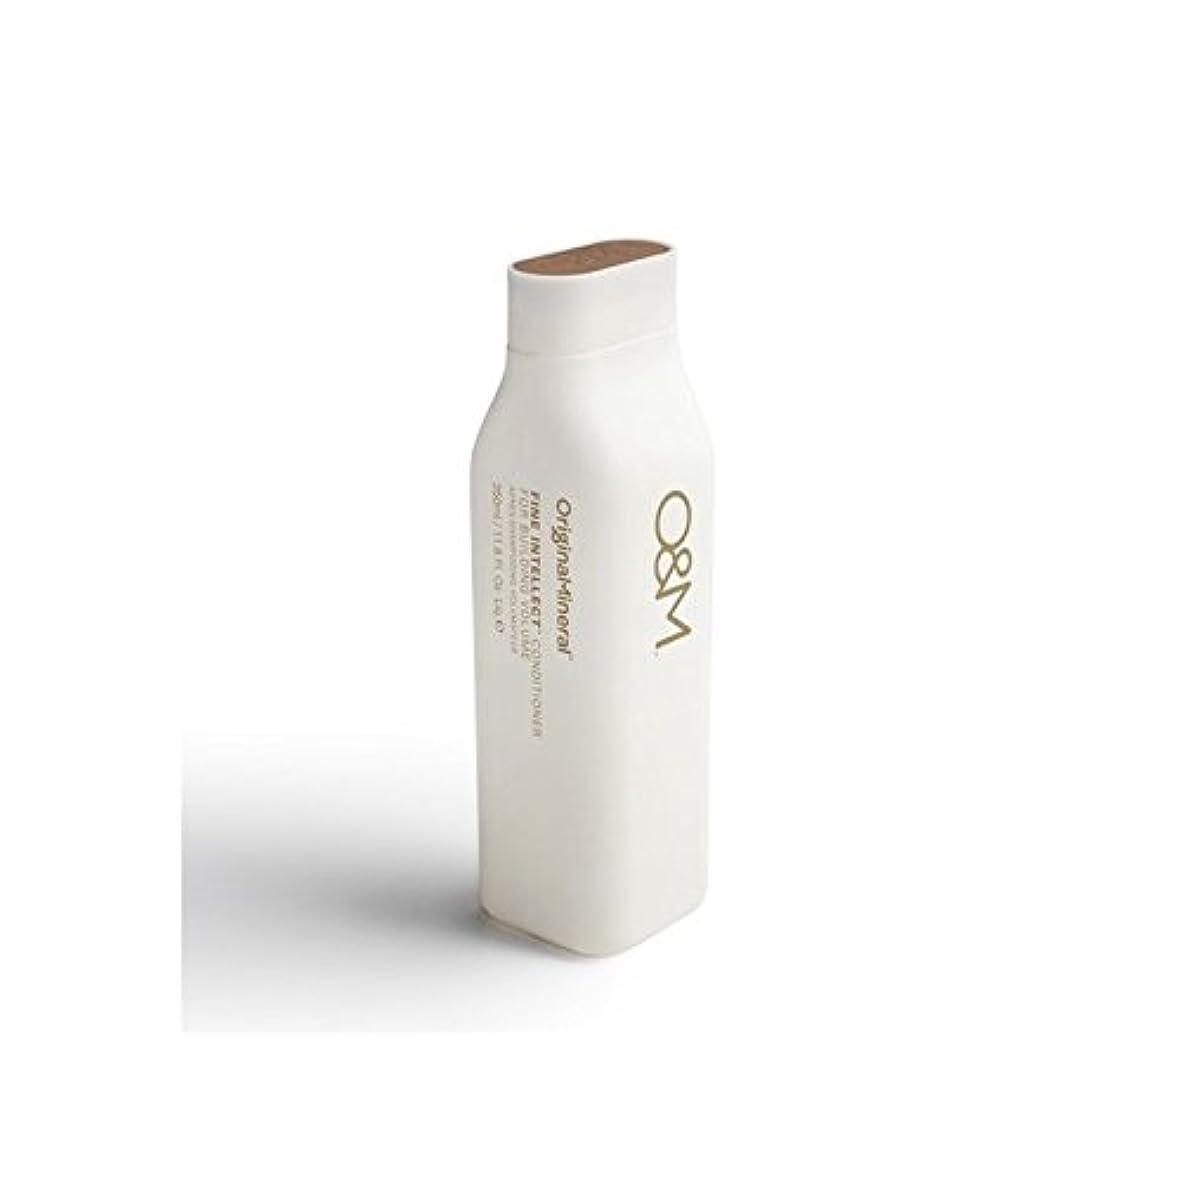 オリジナル&ミネラル細かい知性コンディショナー(350ミリリットル) x2 - Original & Mineral Fine Intellect Conditioner (350ml) (Pack of 2) [並行輸入品]